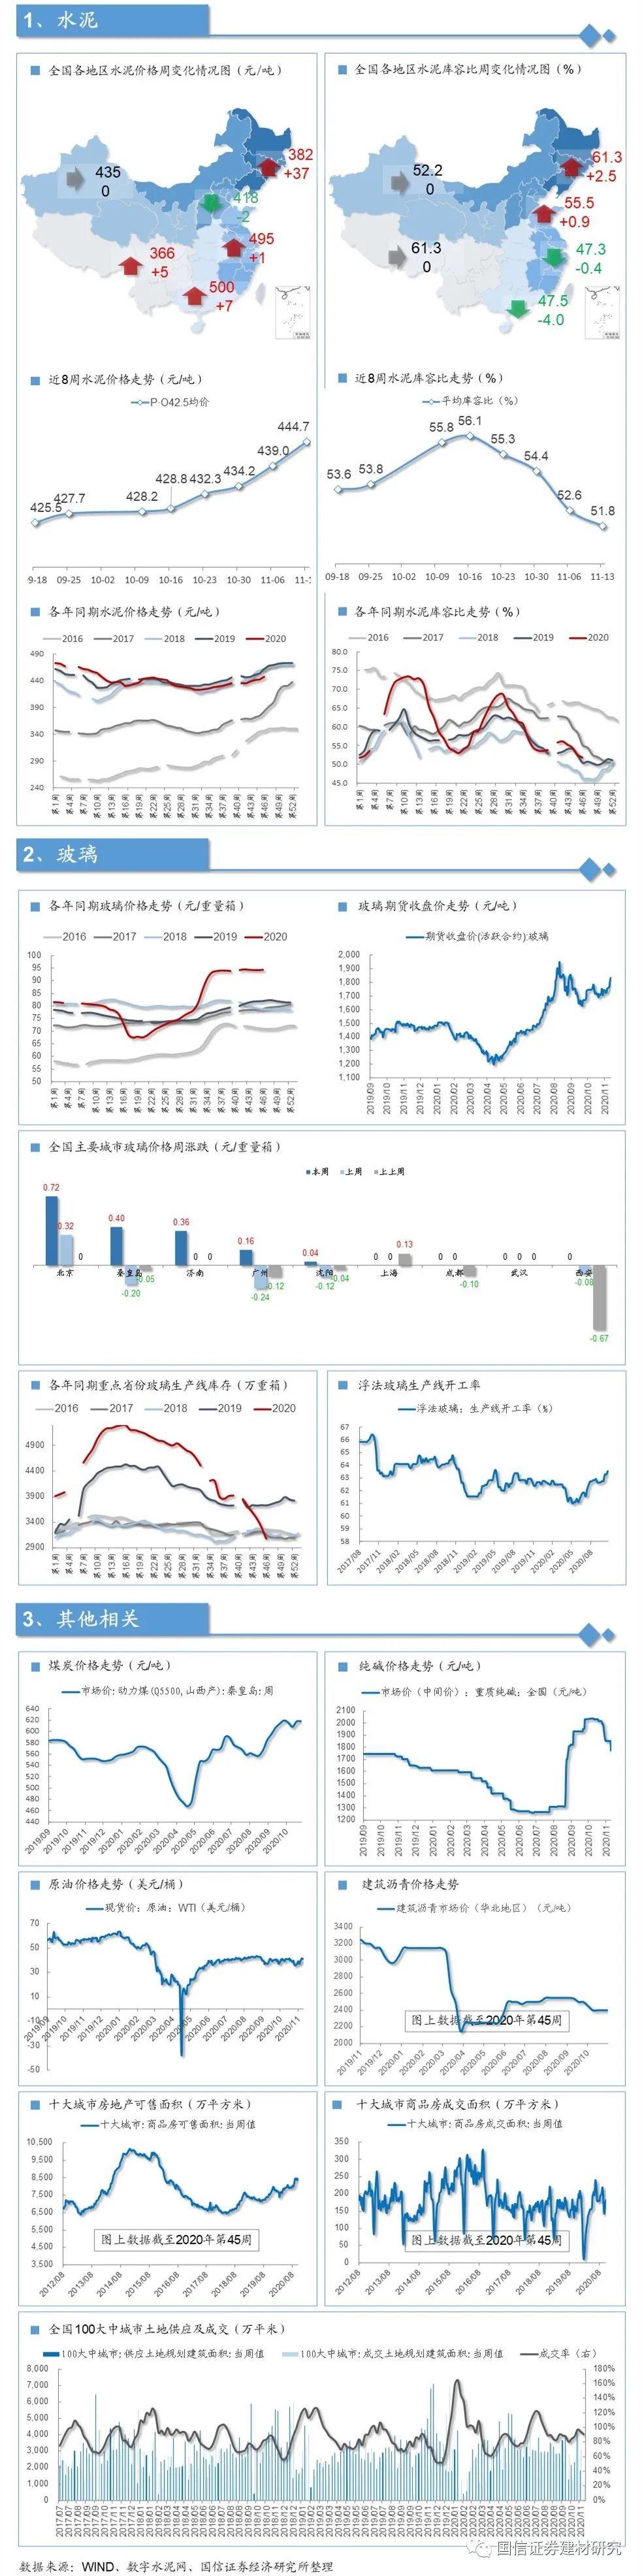 【国信建材|周观点】玻璃价格仍有进一步超预期的可能